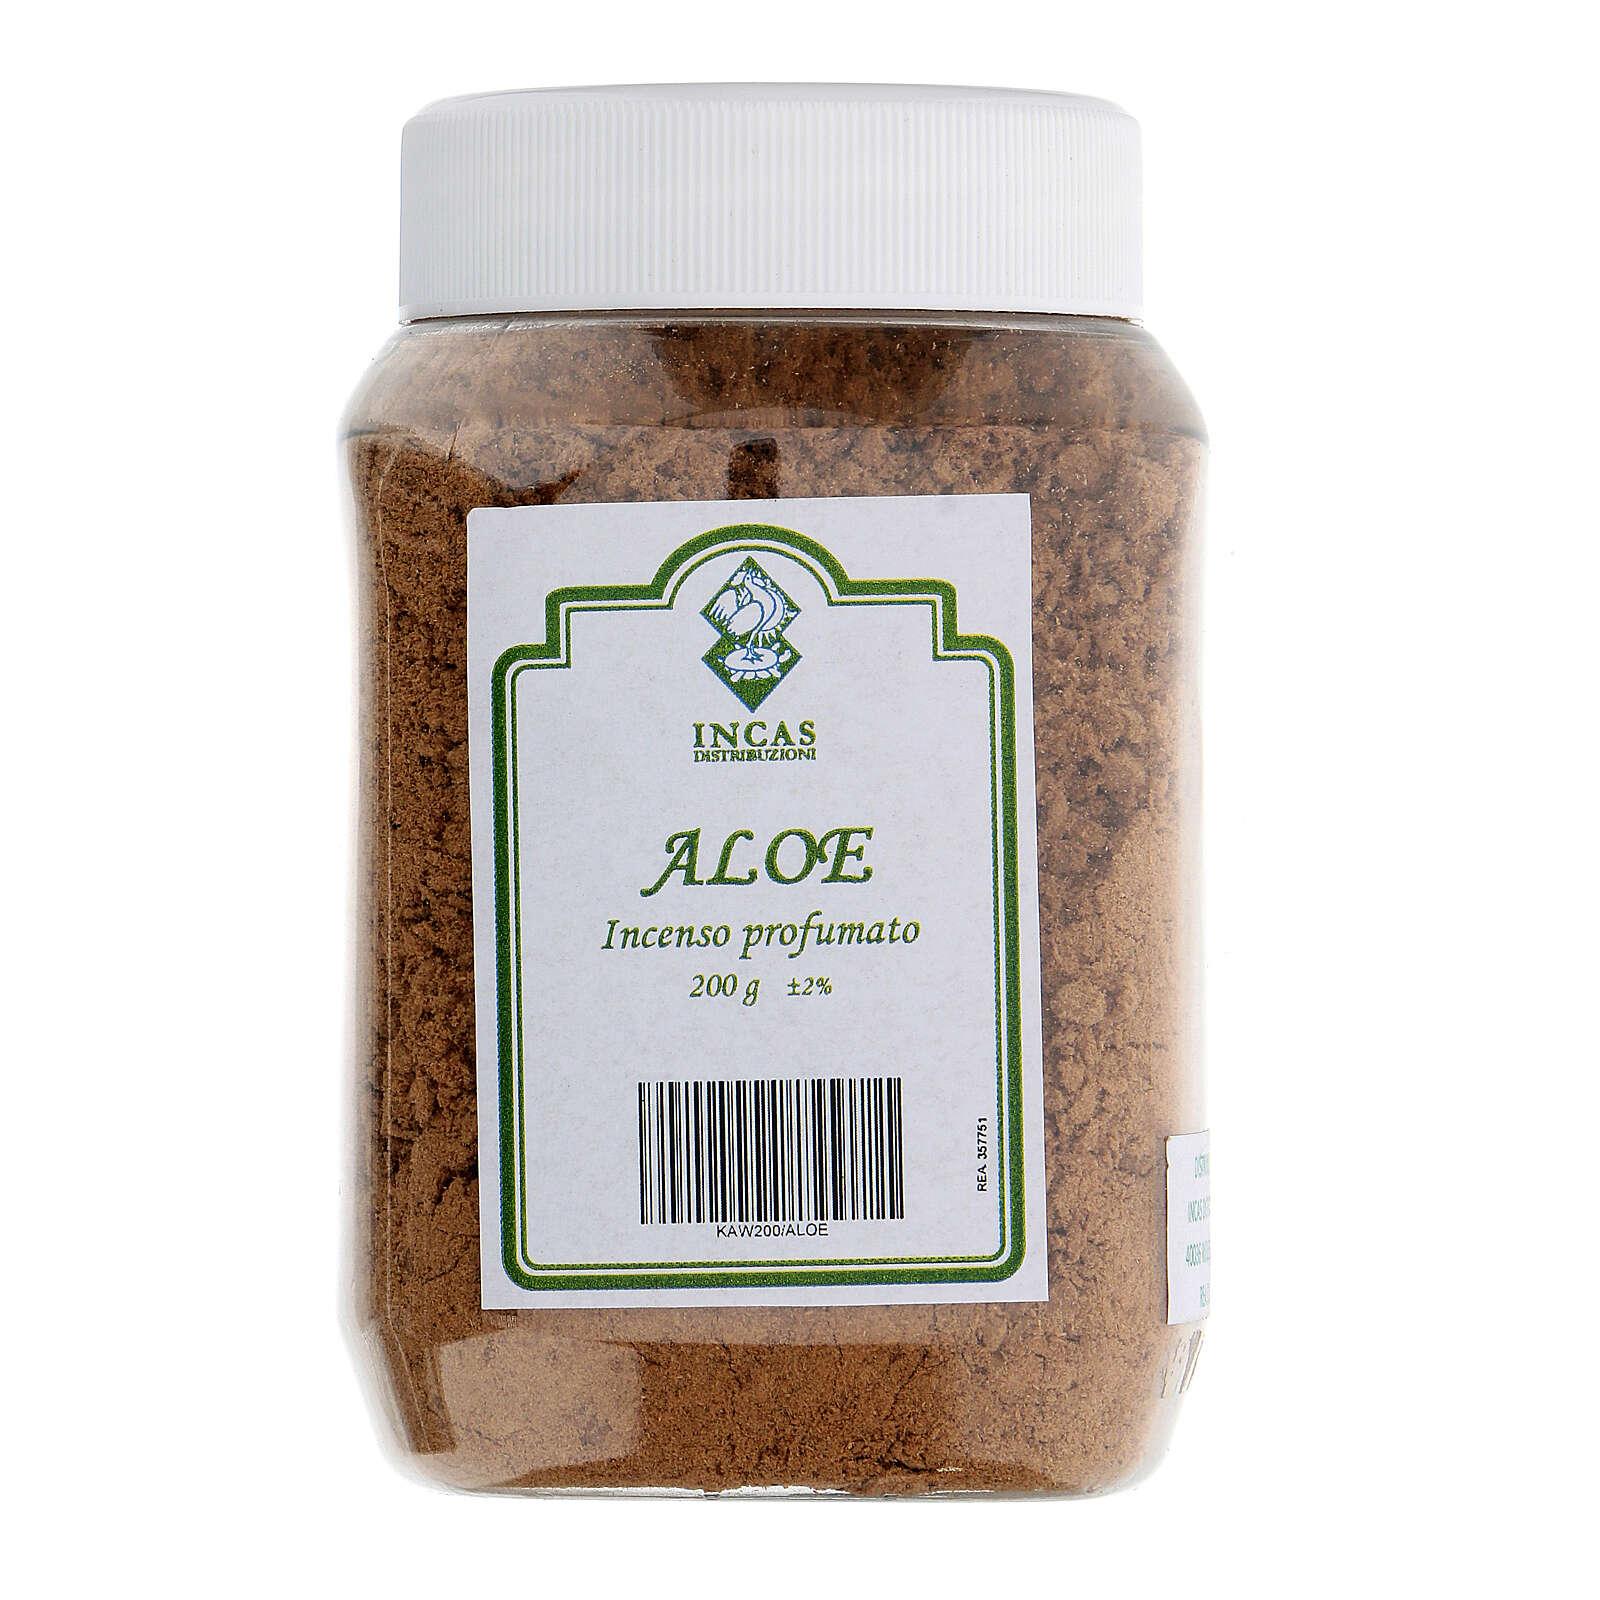 Incienso Aloe perfumado en polvo 200 gramos 3